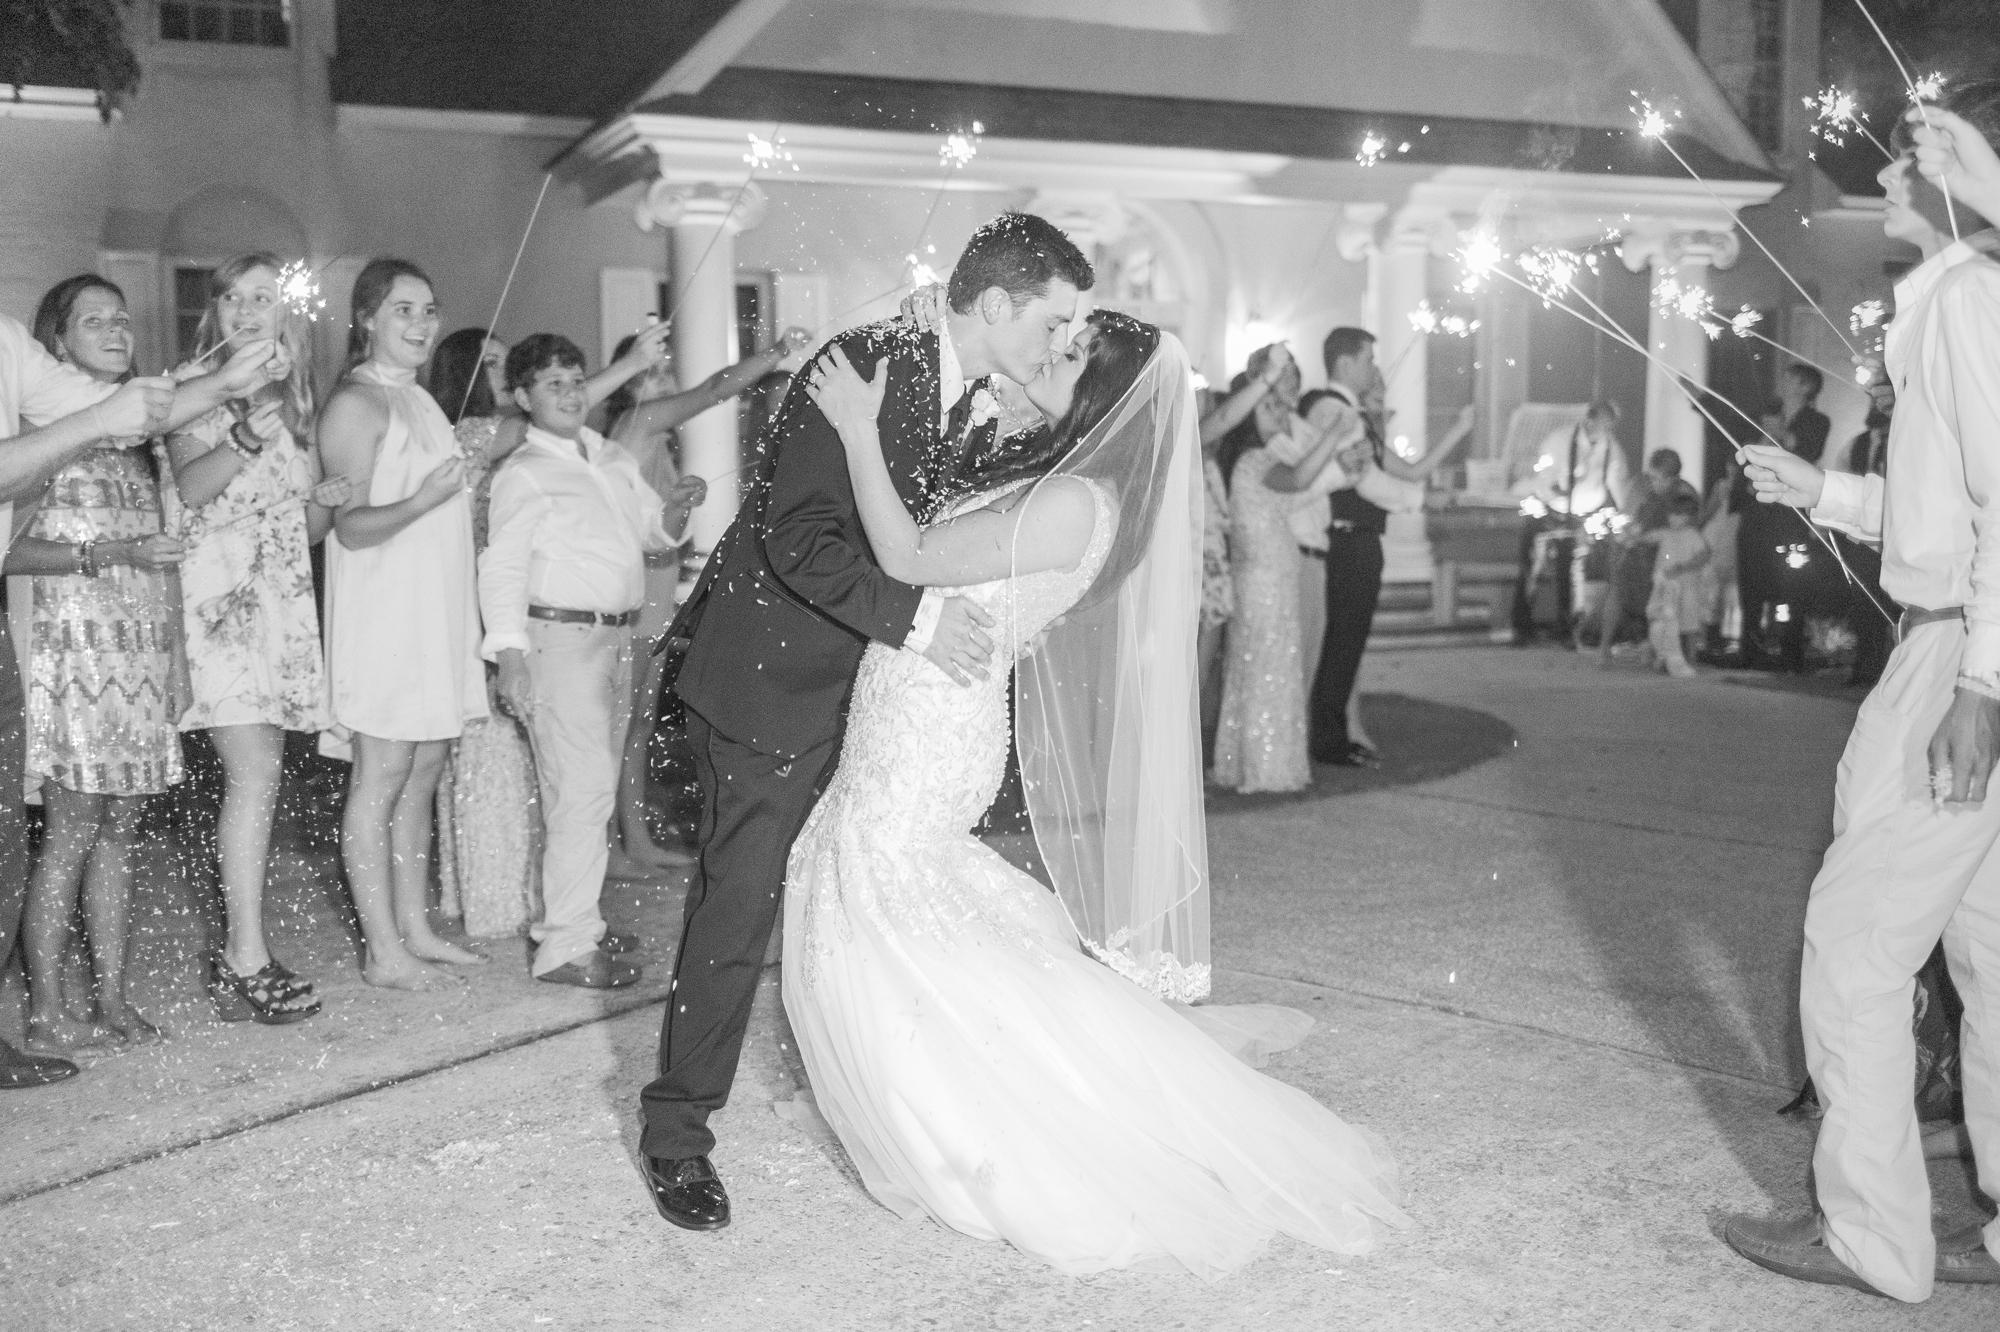 philadelphia-mississippi-summer-wedding 78.jpg